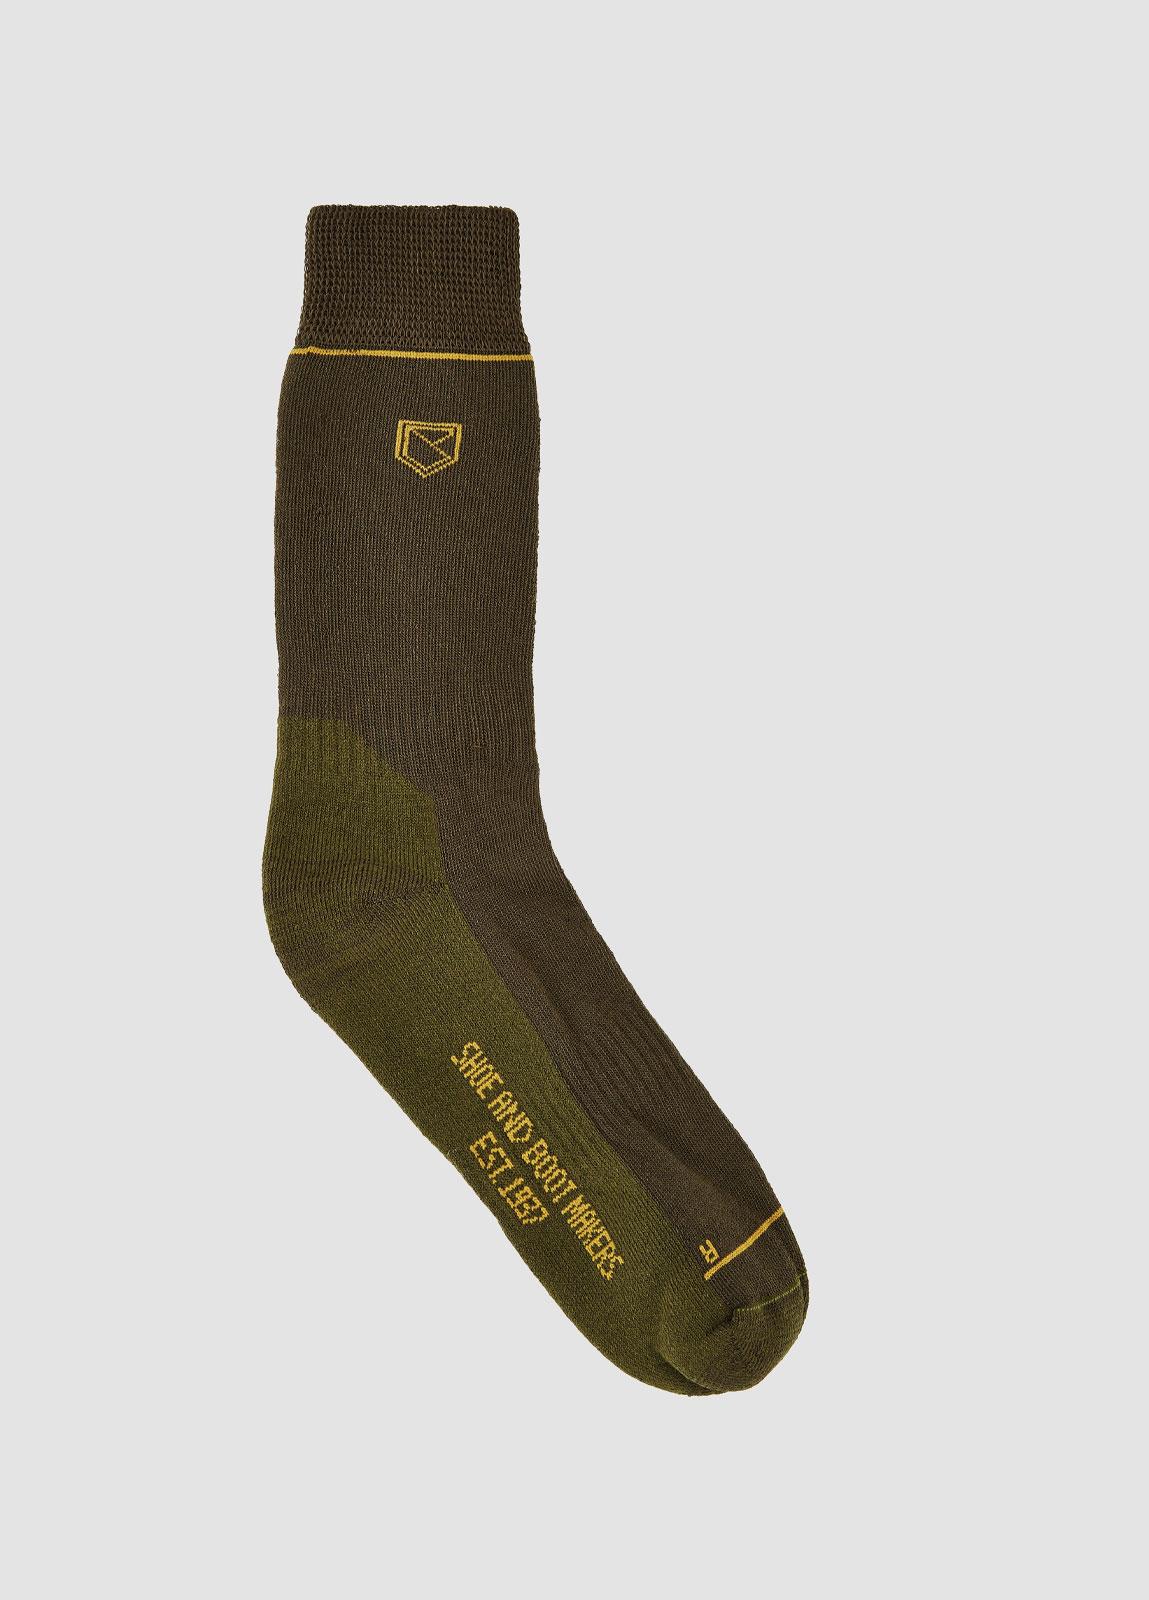 Kilkee Socks - Olive